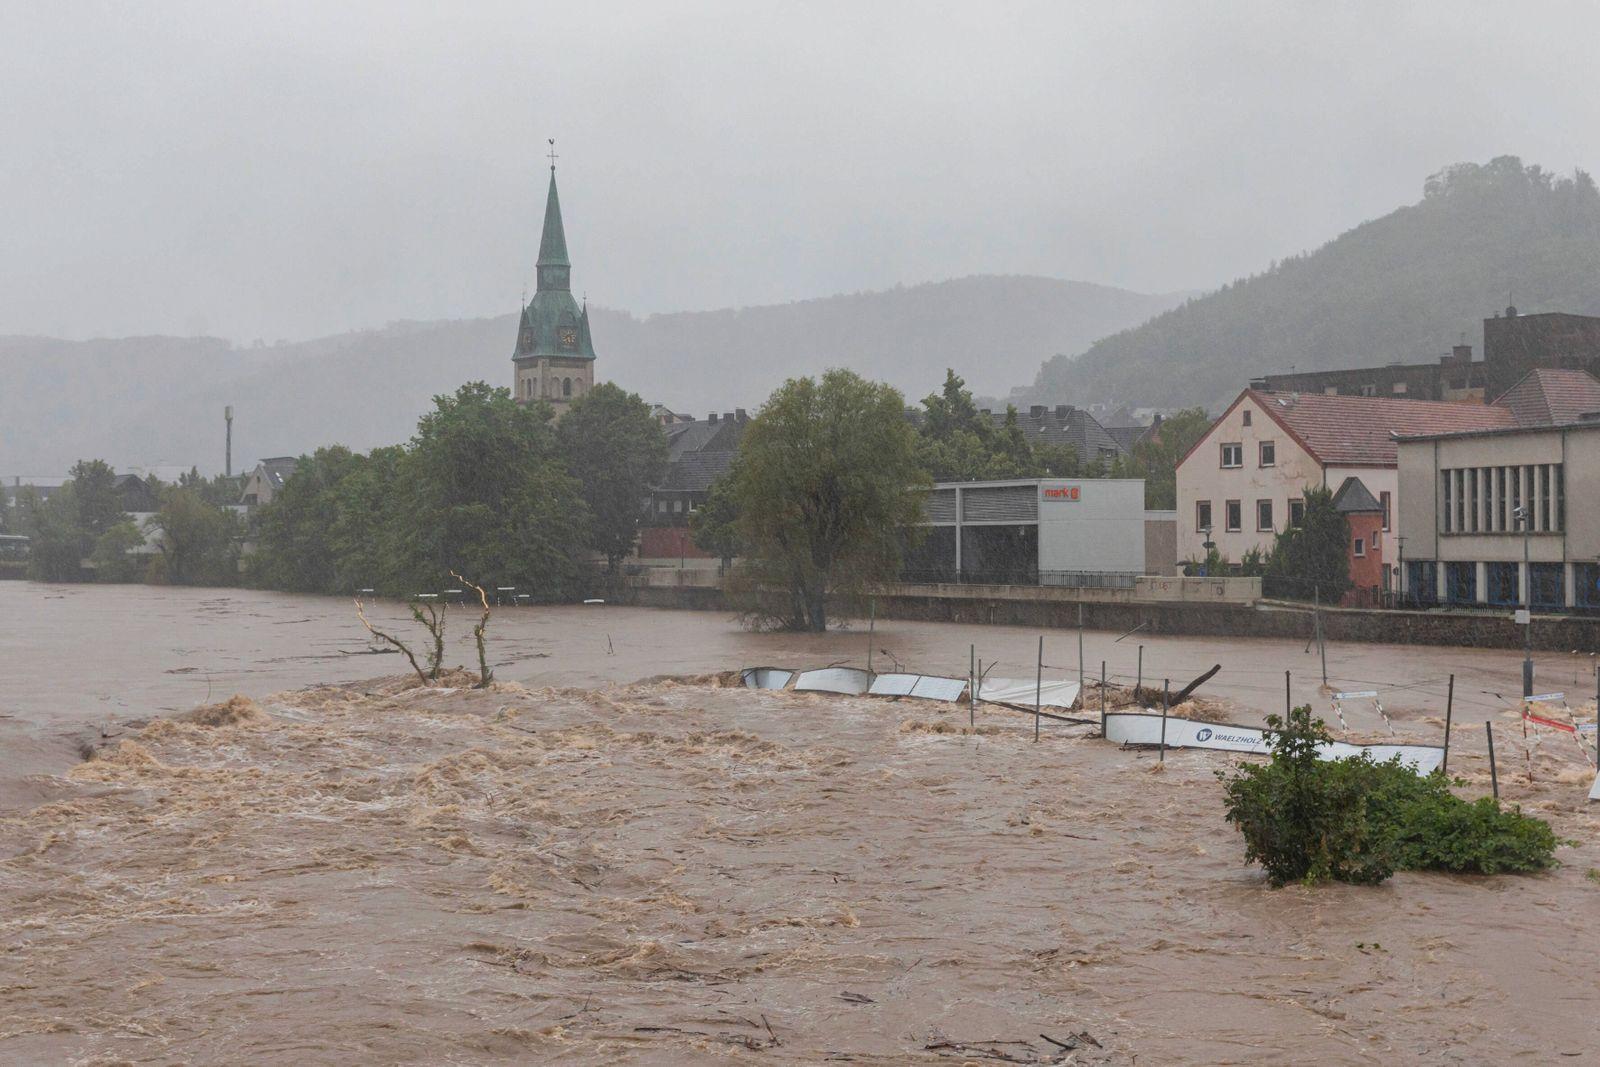 14.07.2021, Hagen, Deutschland, - Hochwasser in der Lenne. Im Bild der überschwemmte Wildwasserpark Hagen-Hohenlimburg.